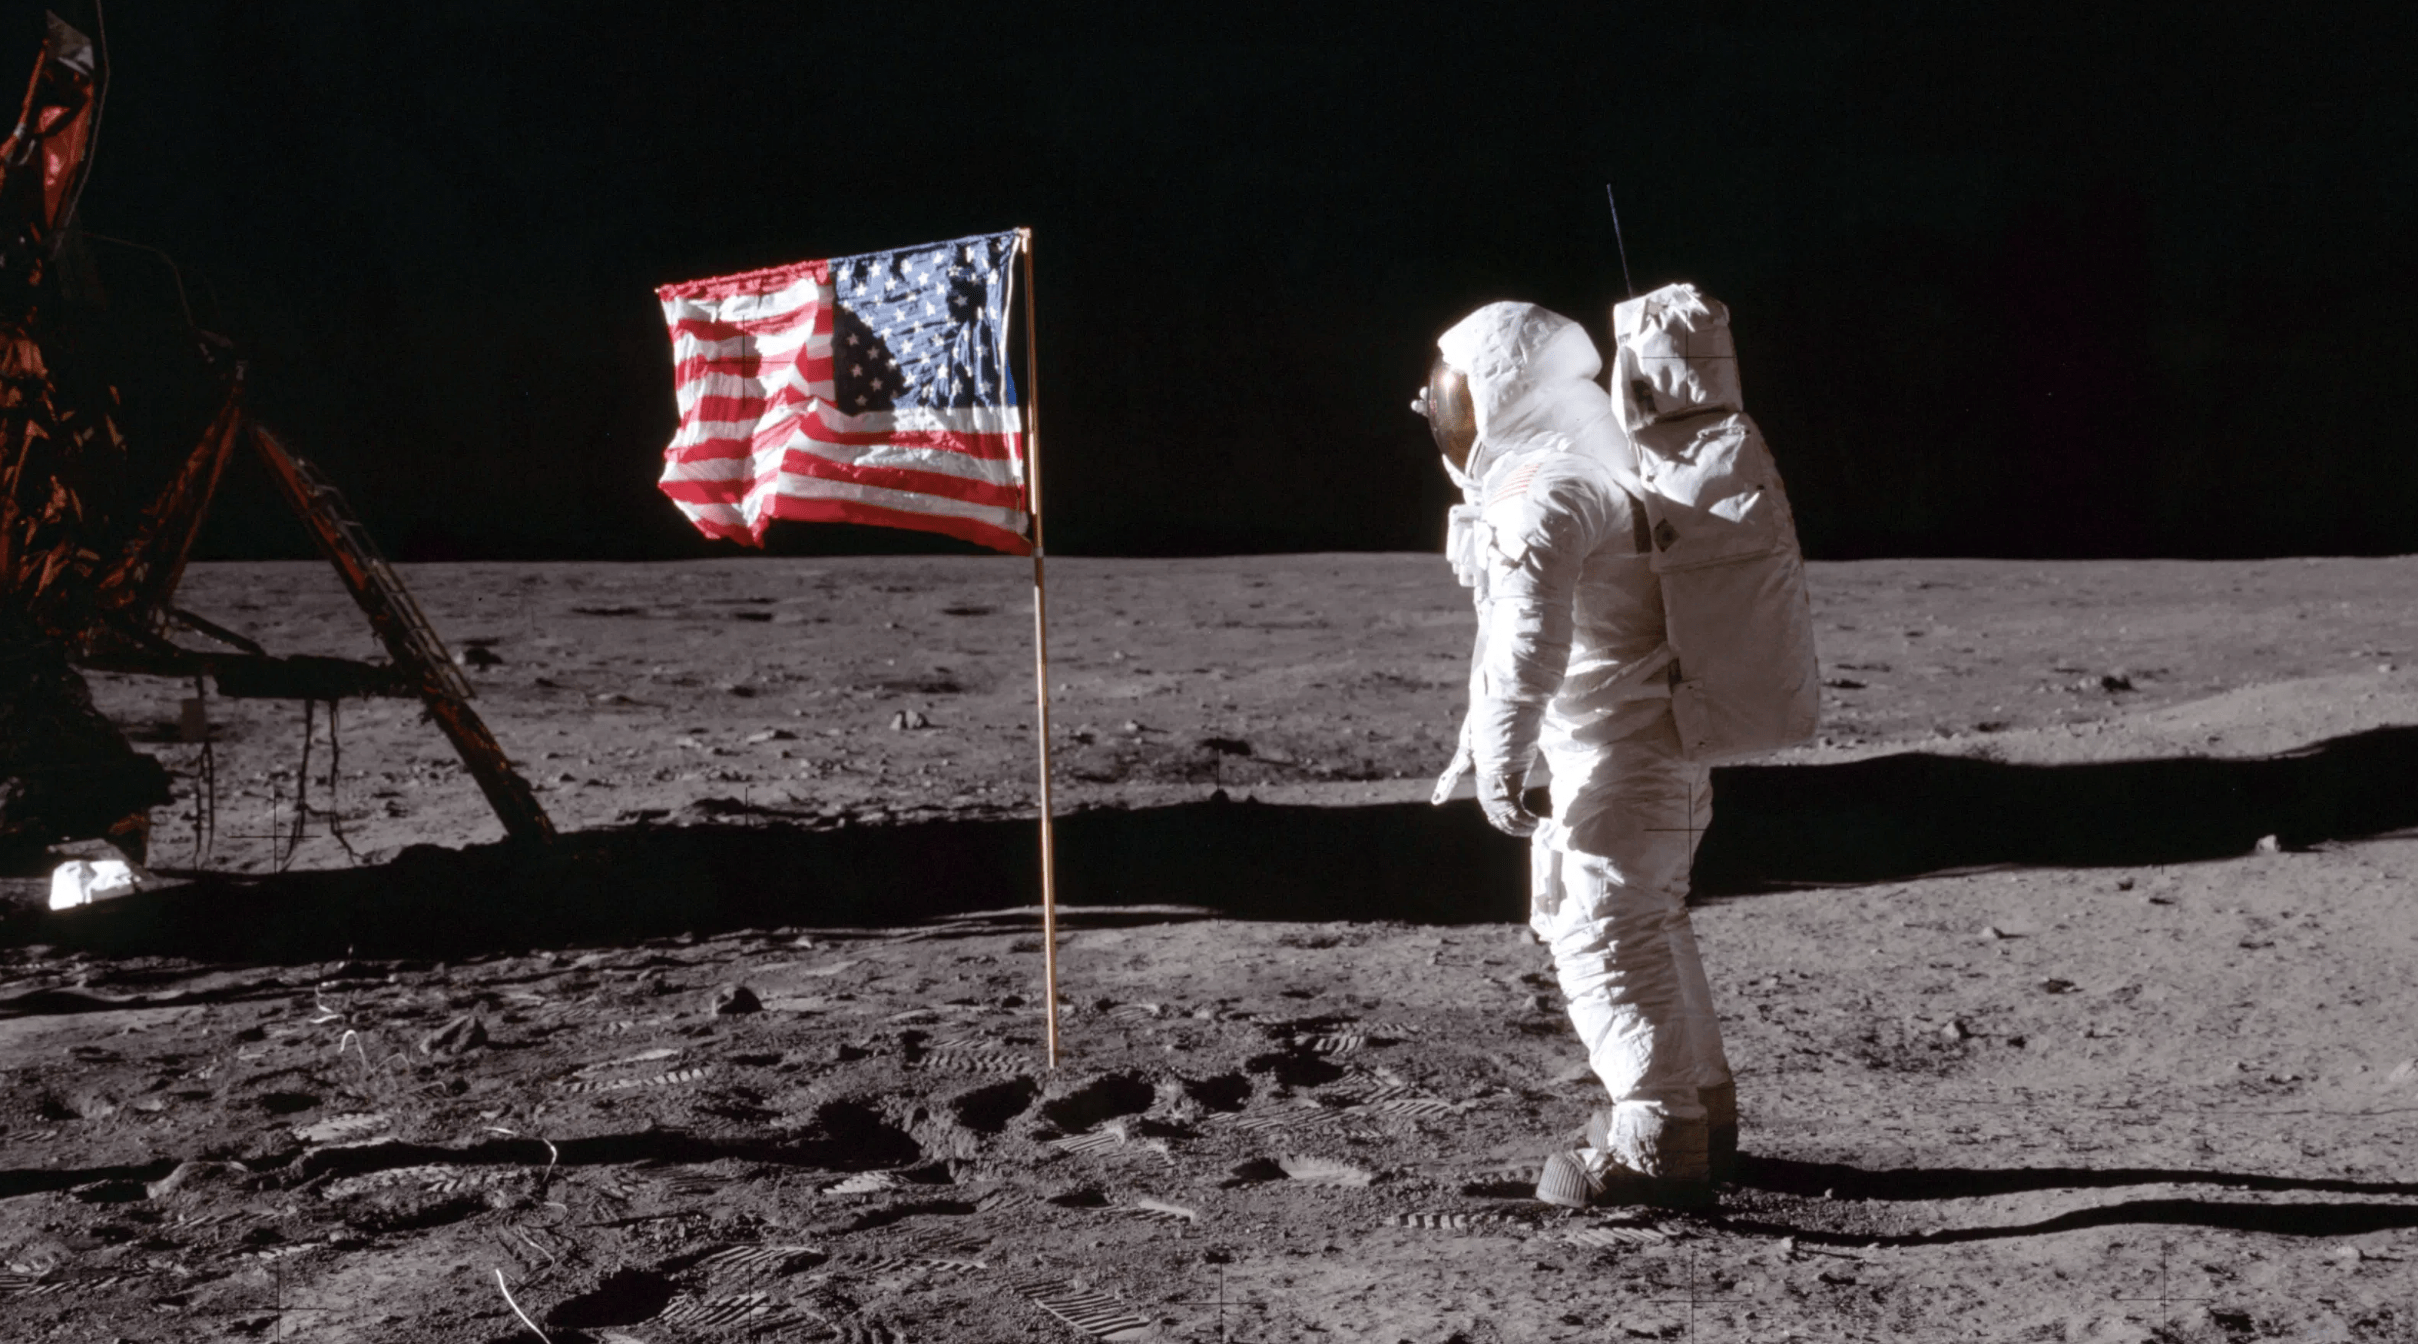 Apollo 11 revisited